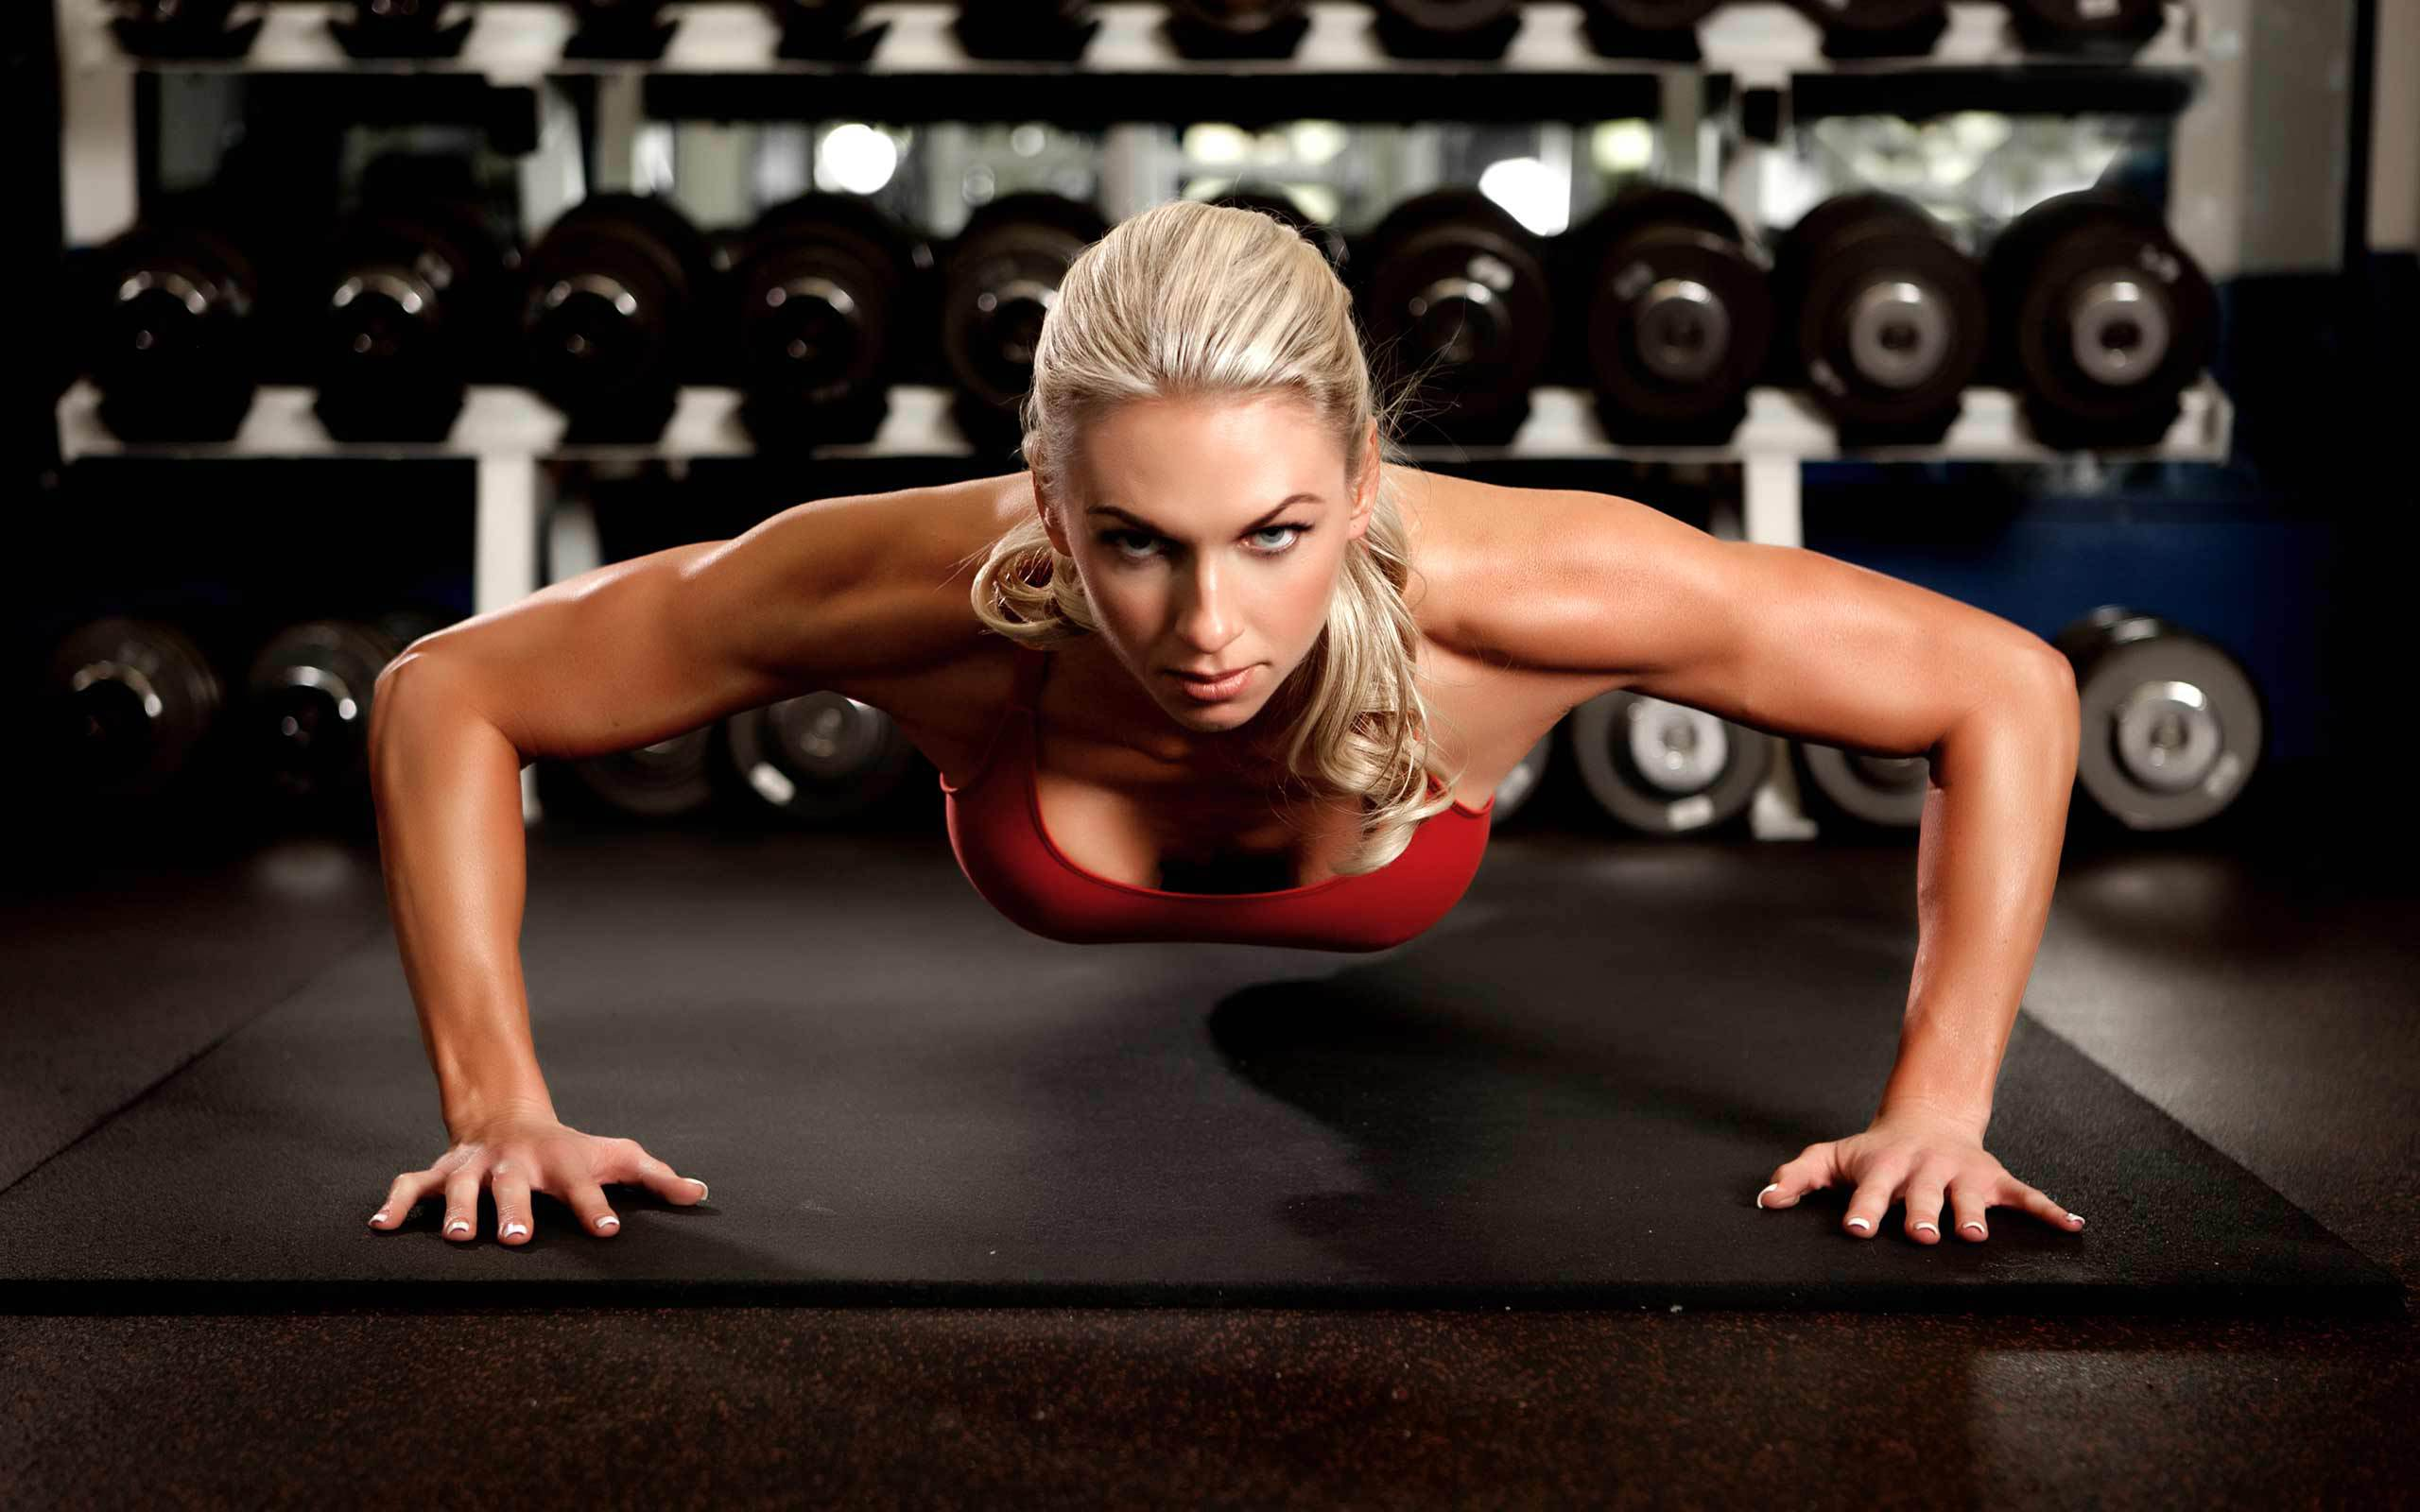 Как ввести тренировки в привычку и сделать их частью своей жизни